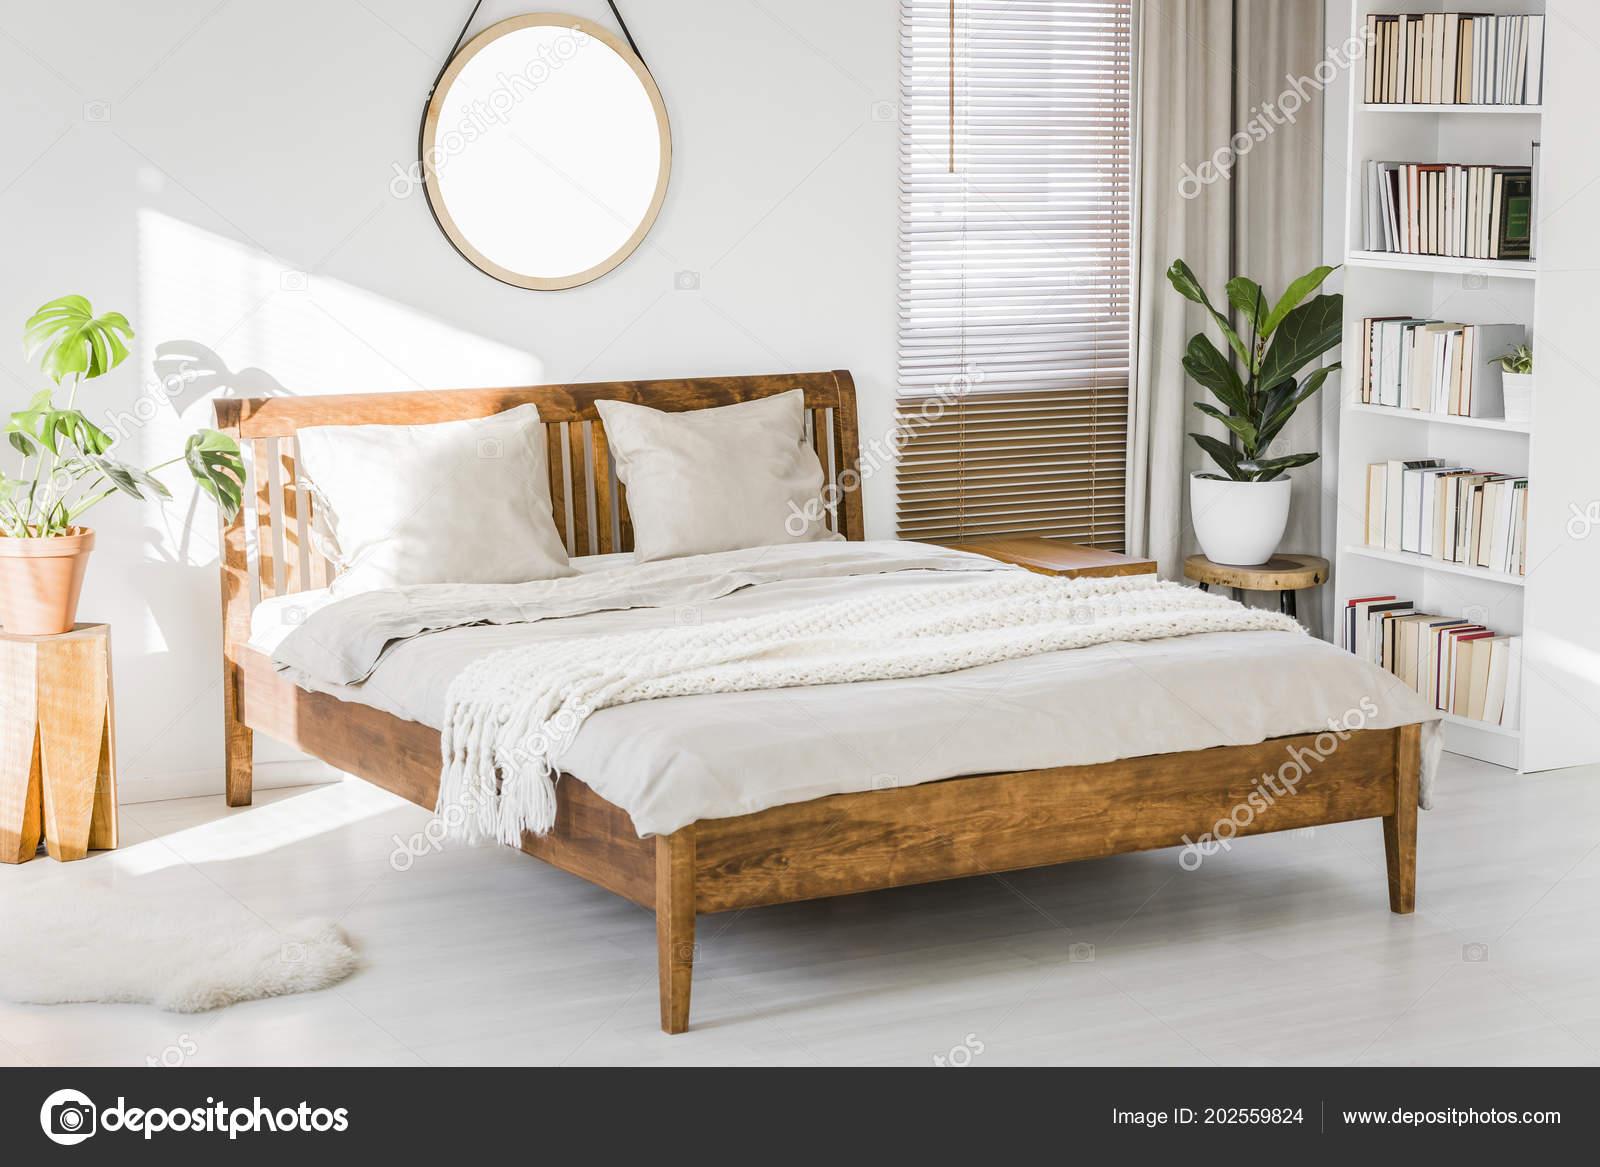 Intérieur Blanc Chambre Coucher Avec Lit King Size Bois Des